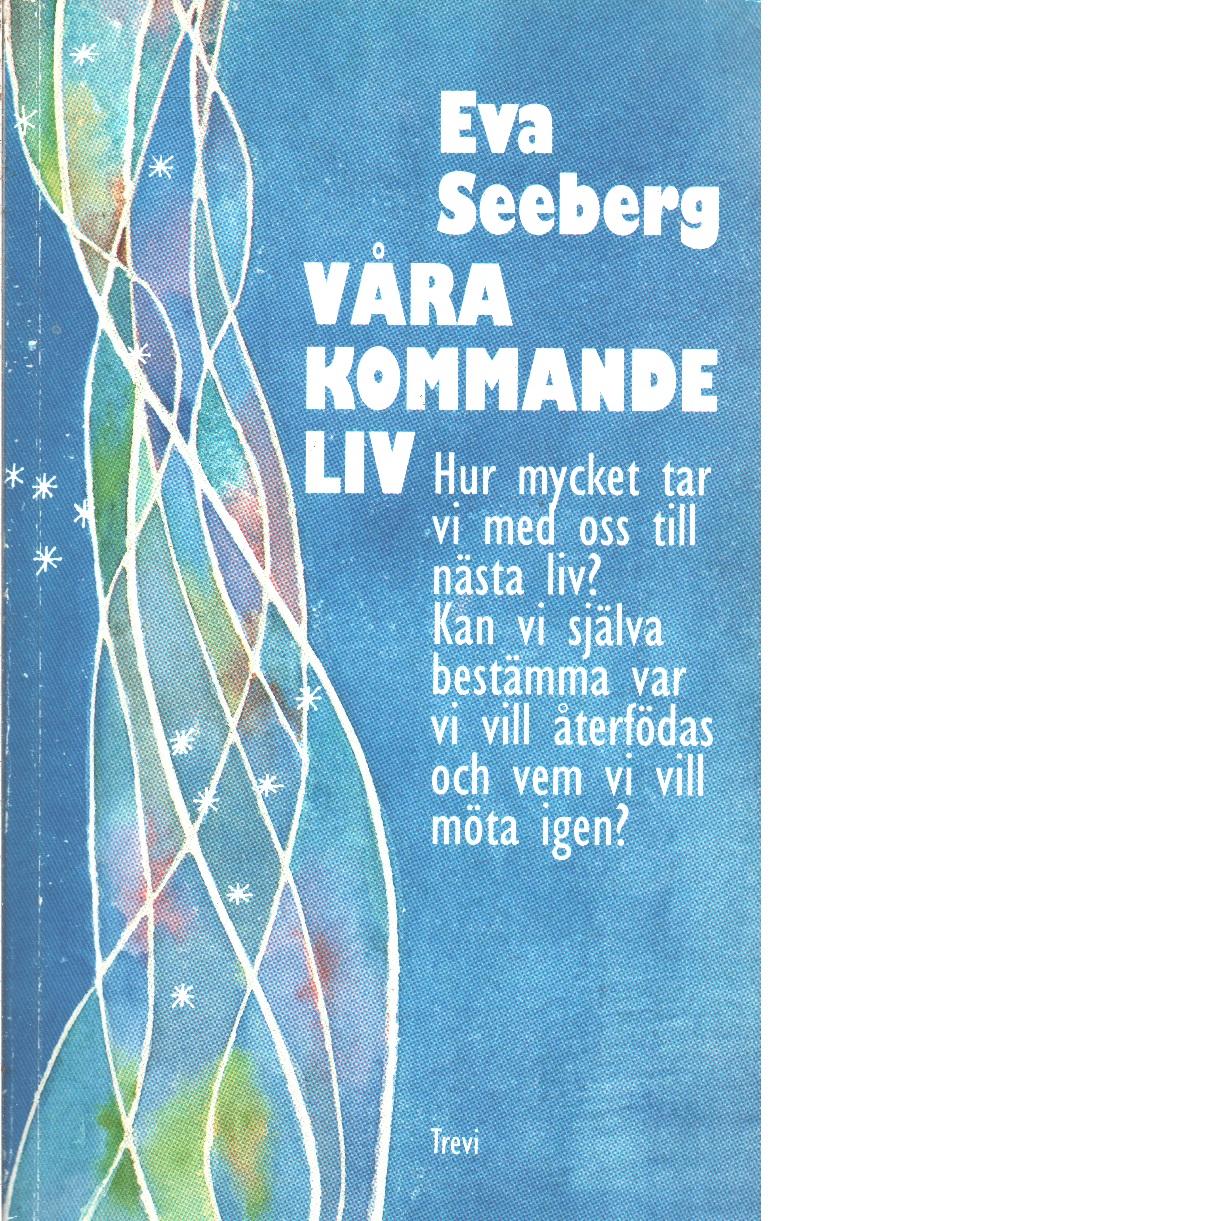 Våra kommande liv : [hur mycket tar vi med oss till nästa liv?] - Seeberg, Eva